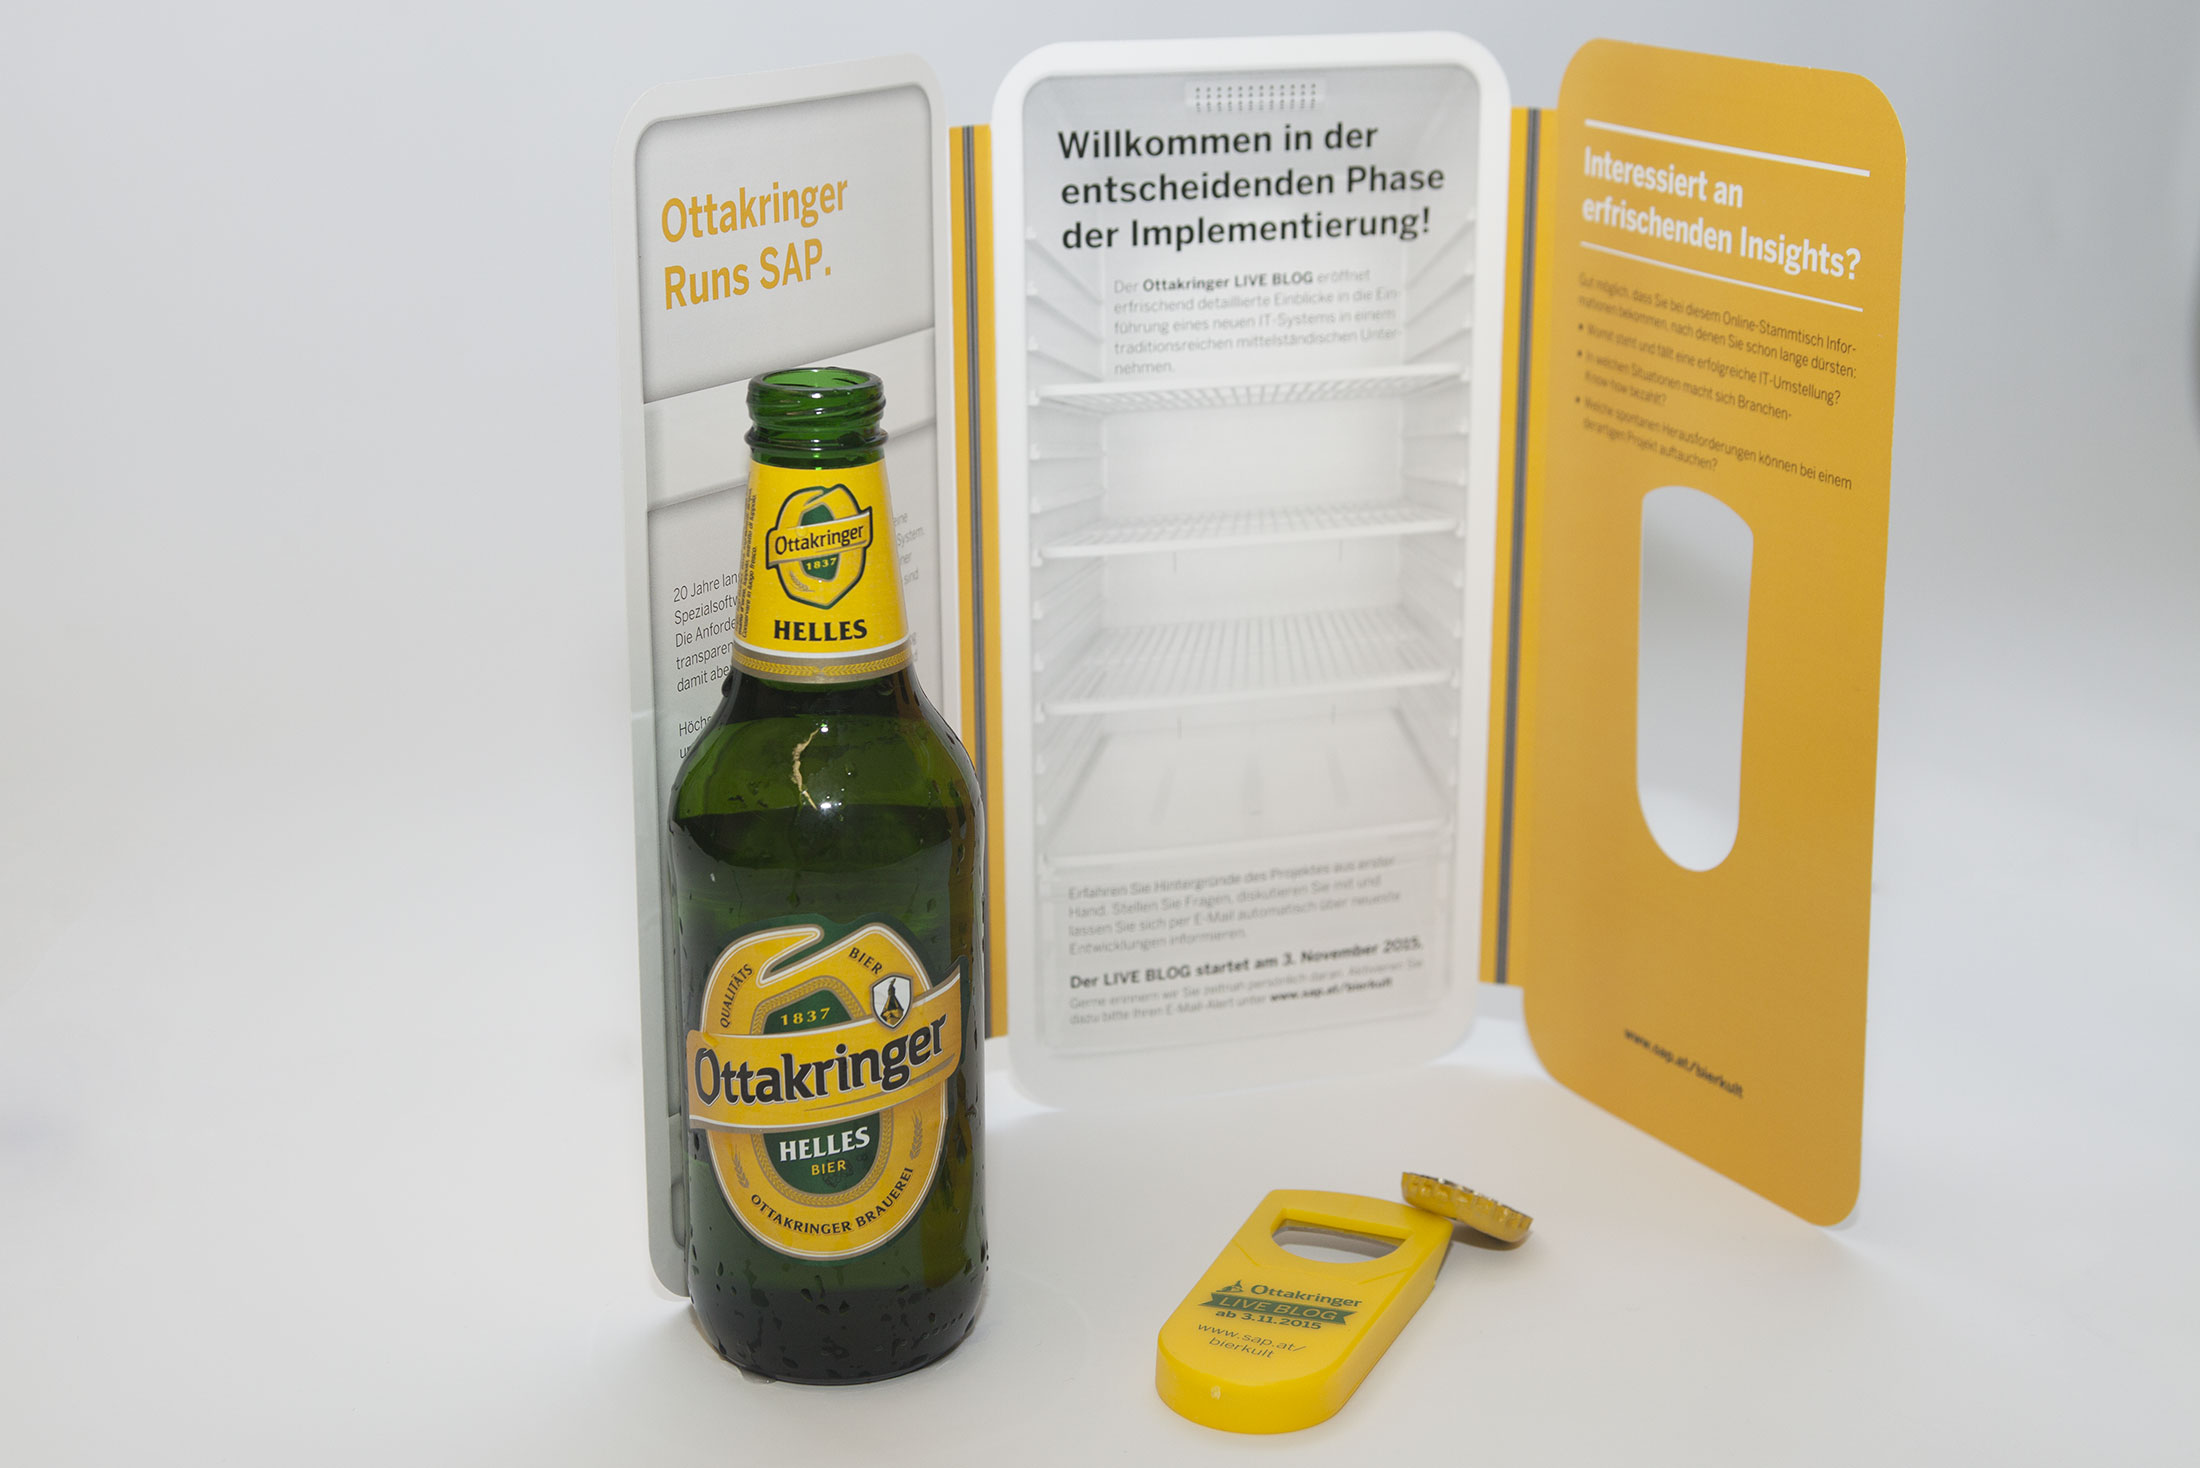 SAP-Ottakringer